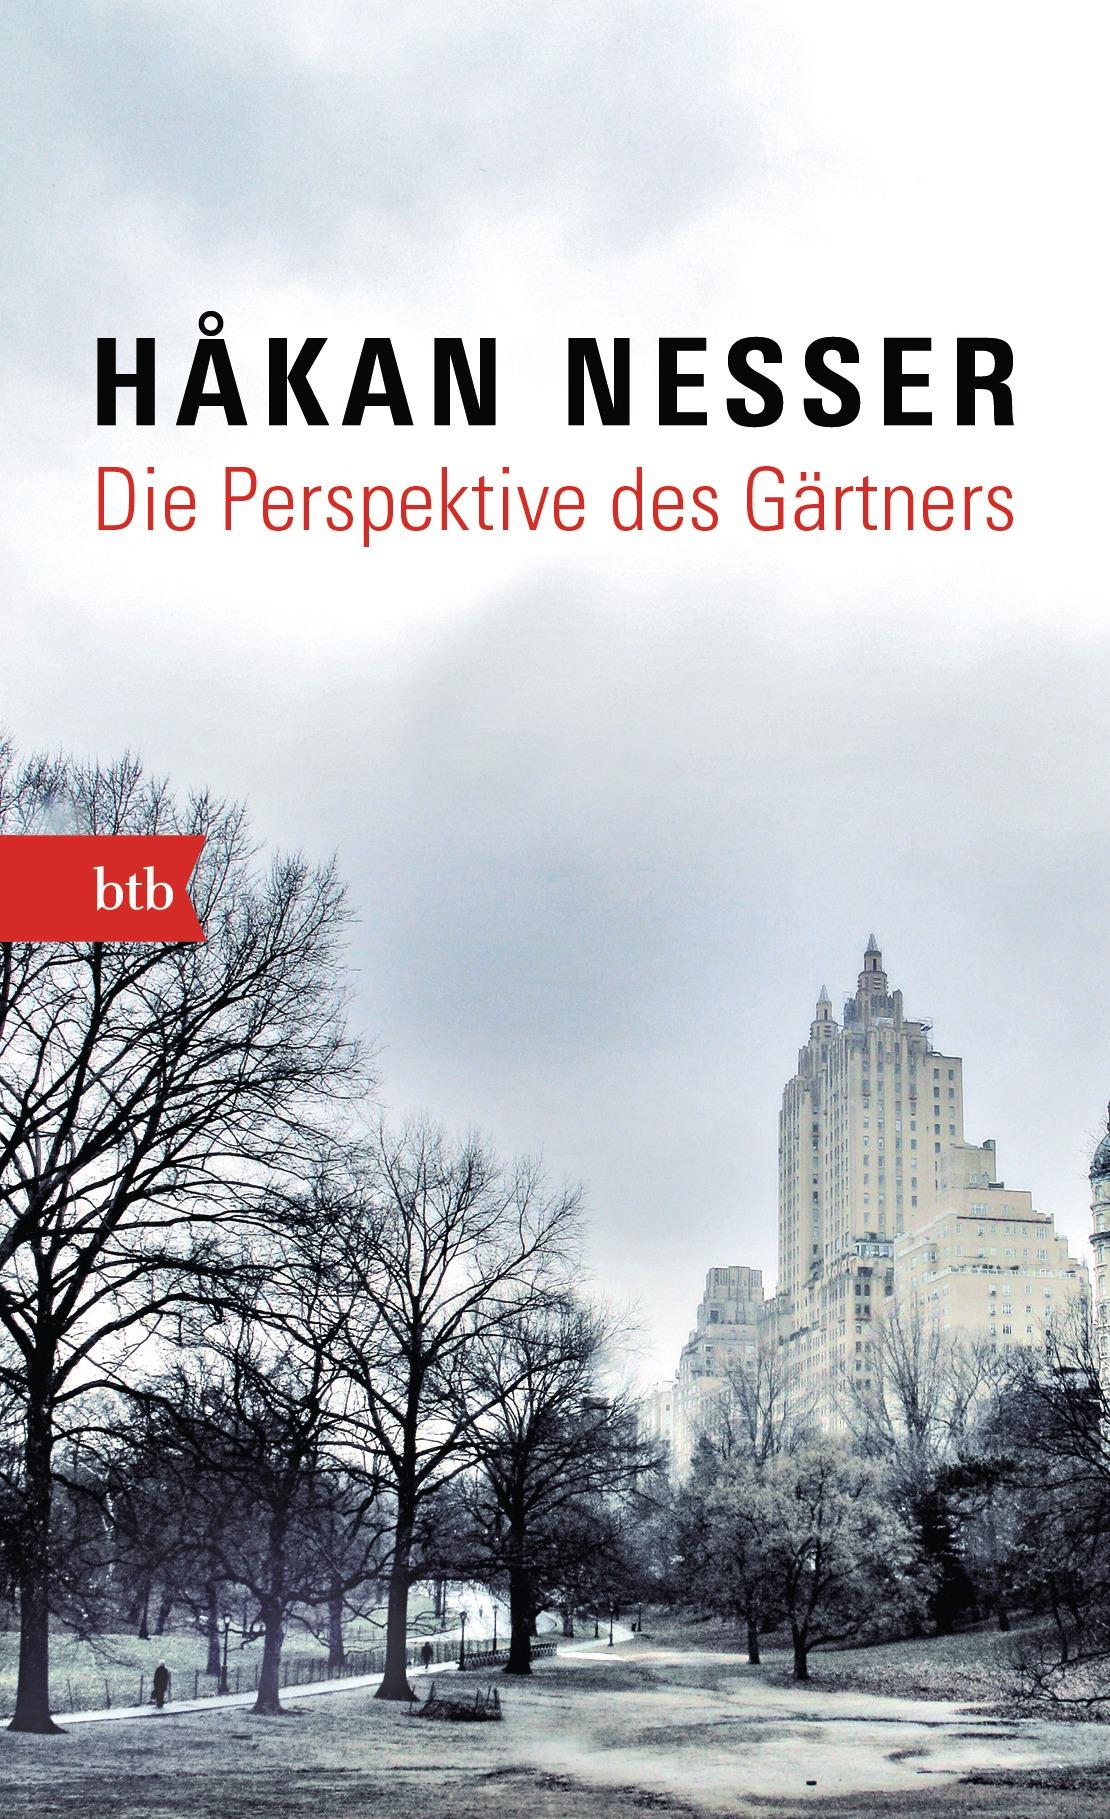 Die Perspektive des Gärtners - Håkan Nesser [Taschenbuch]